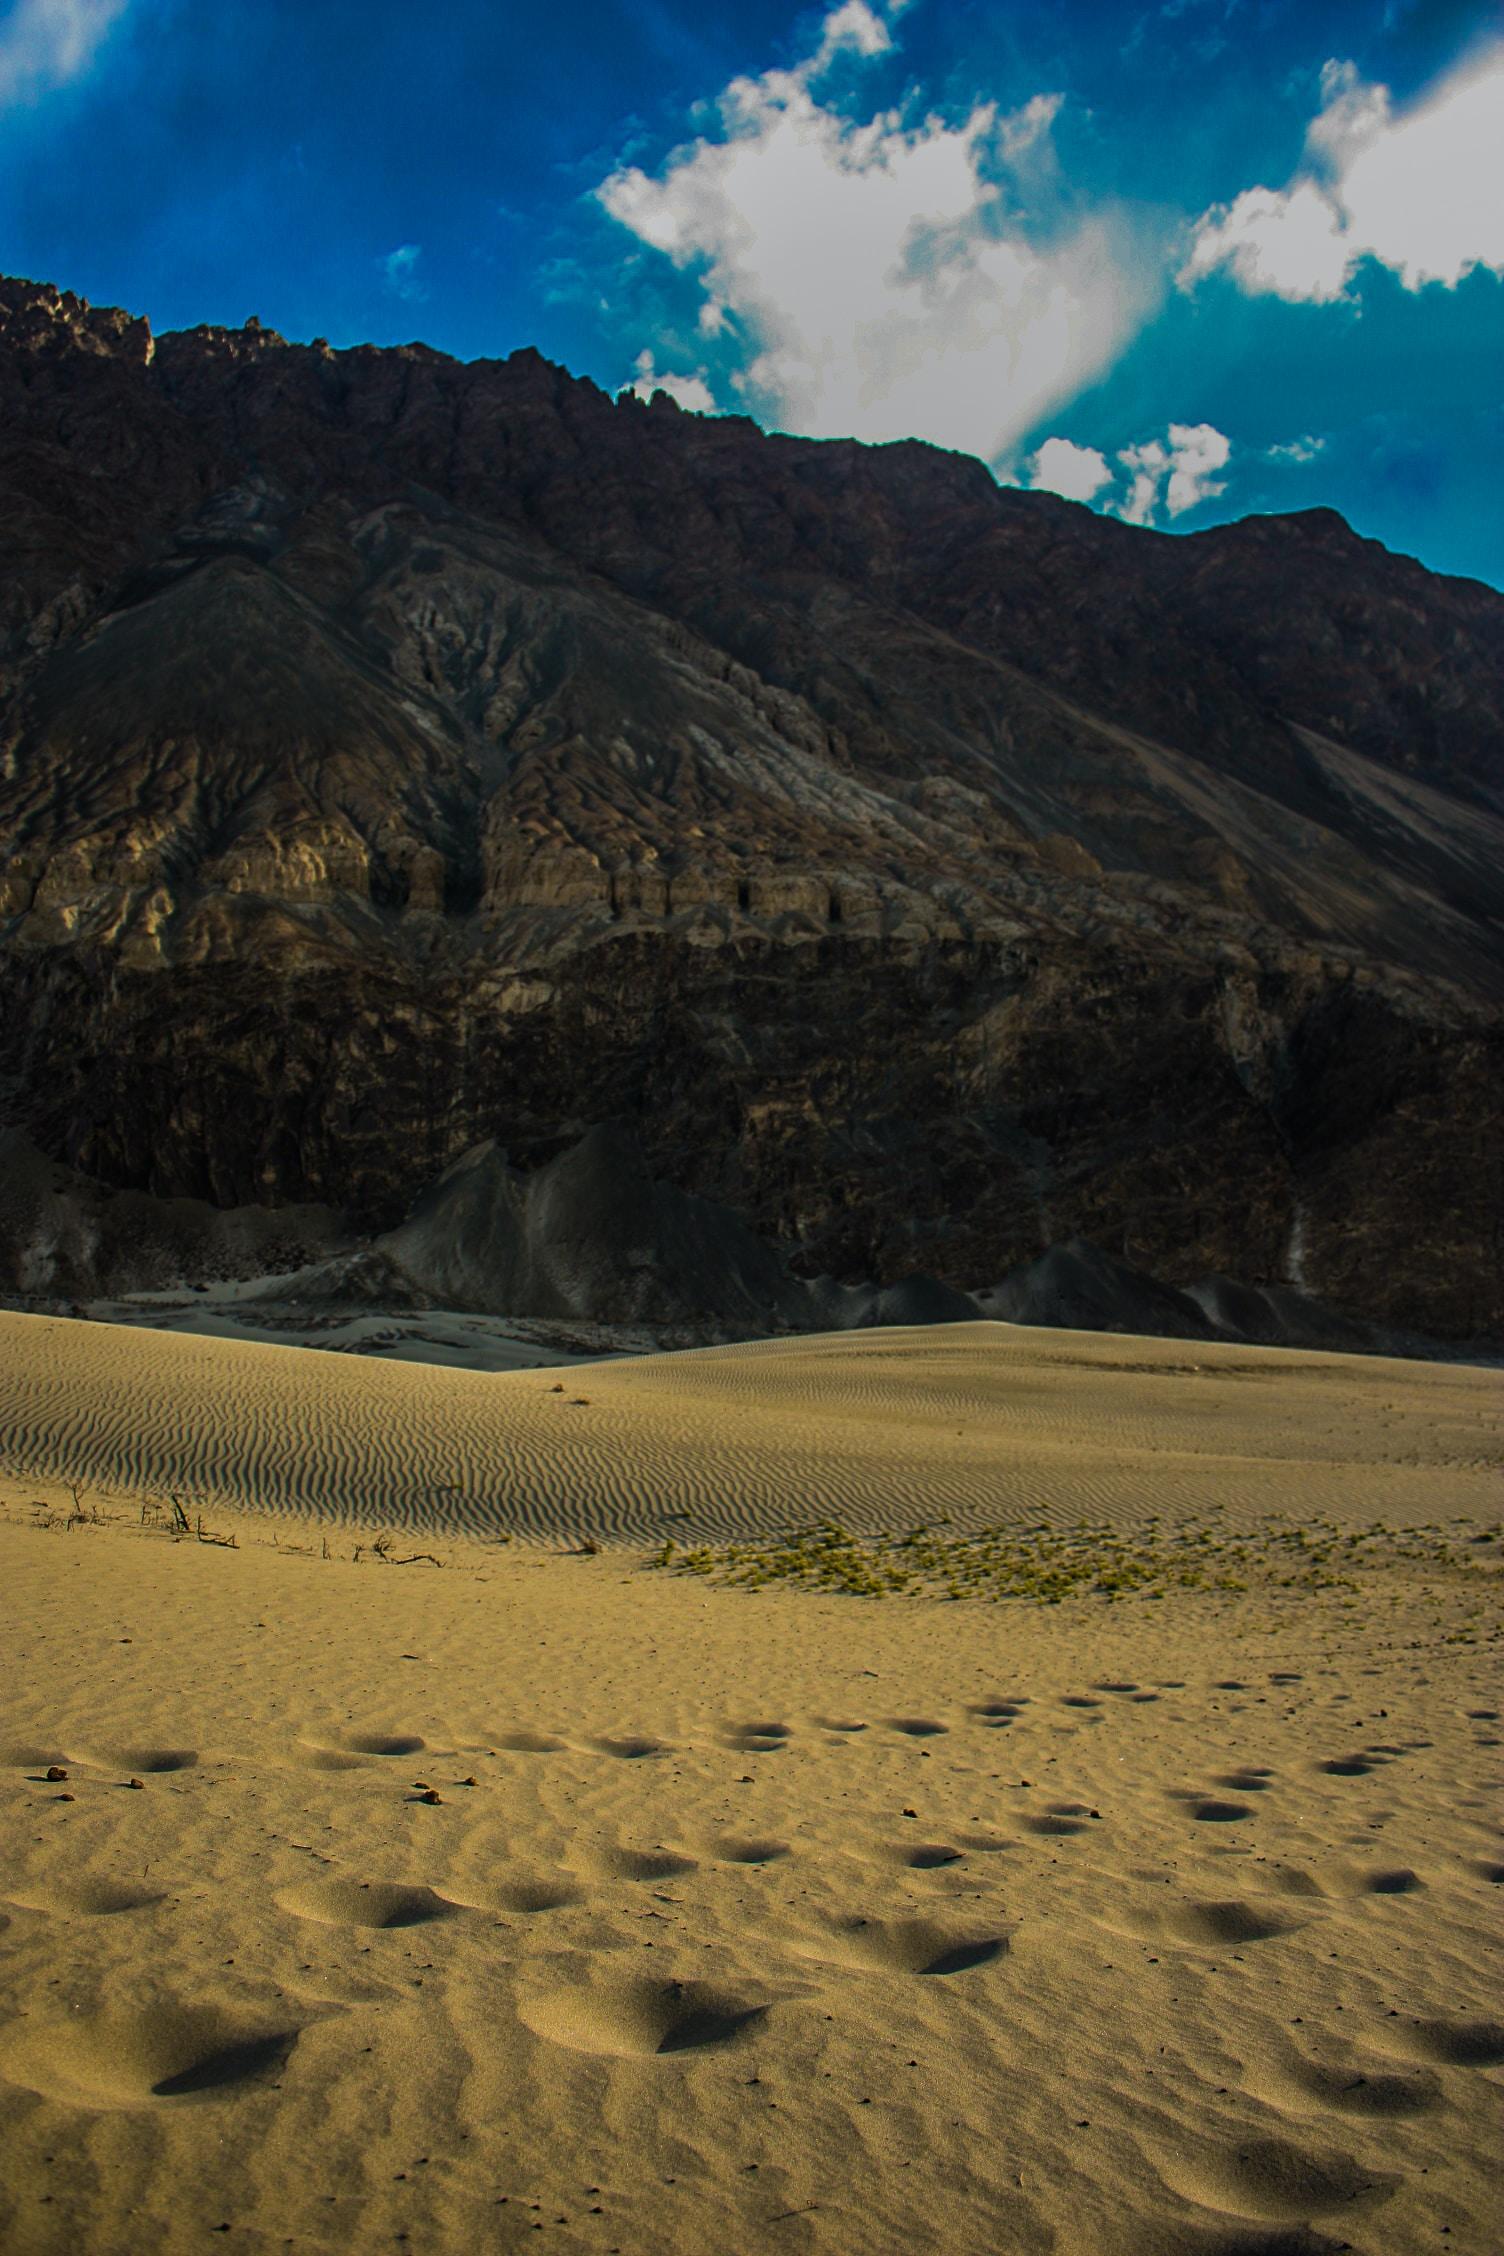 Free Unsplash photo from Abhinav Jha